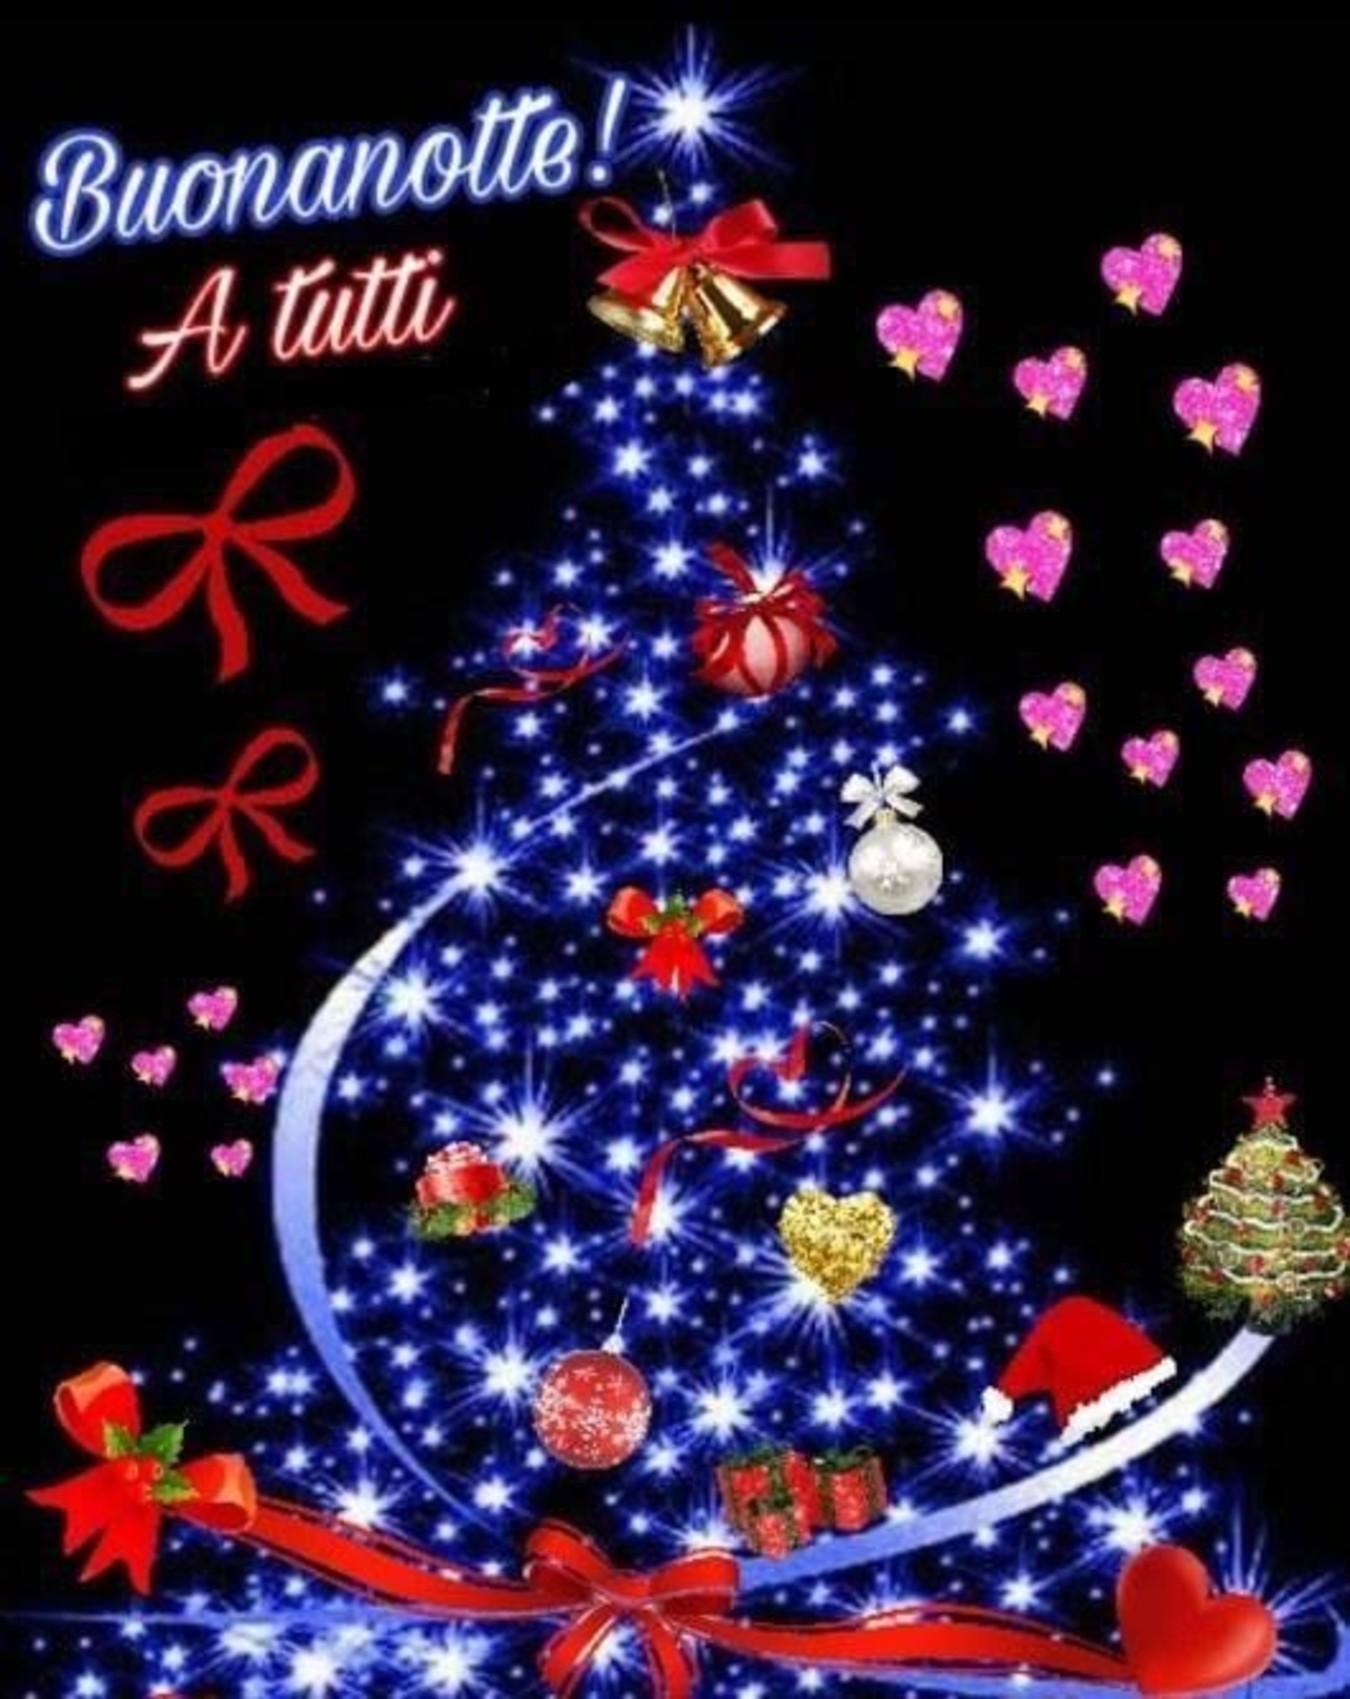 Immagini Buonanotte natalizie